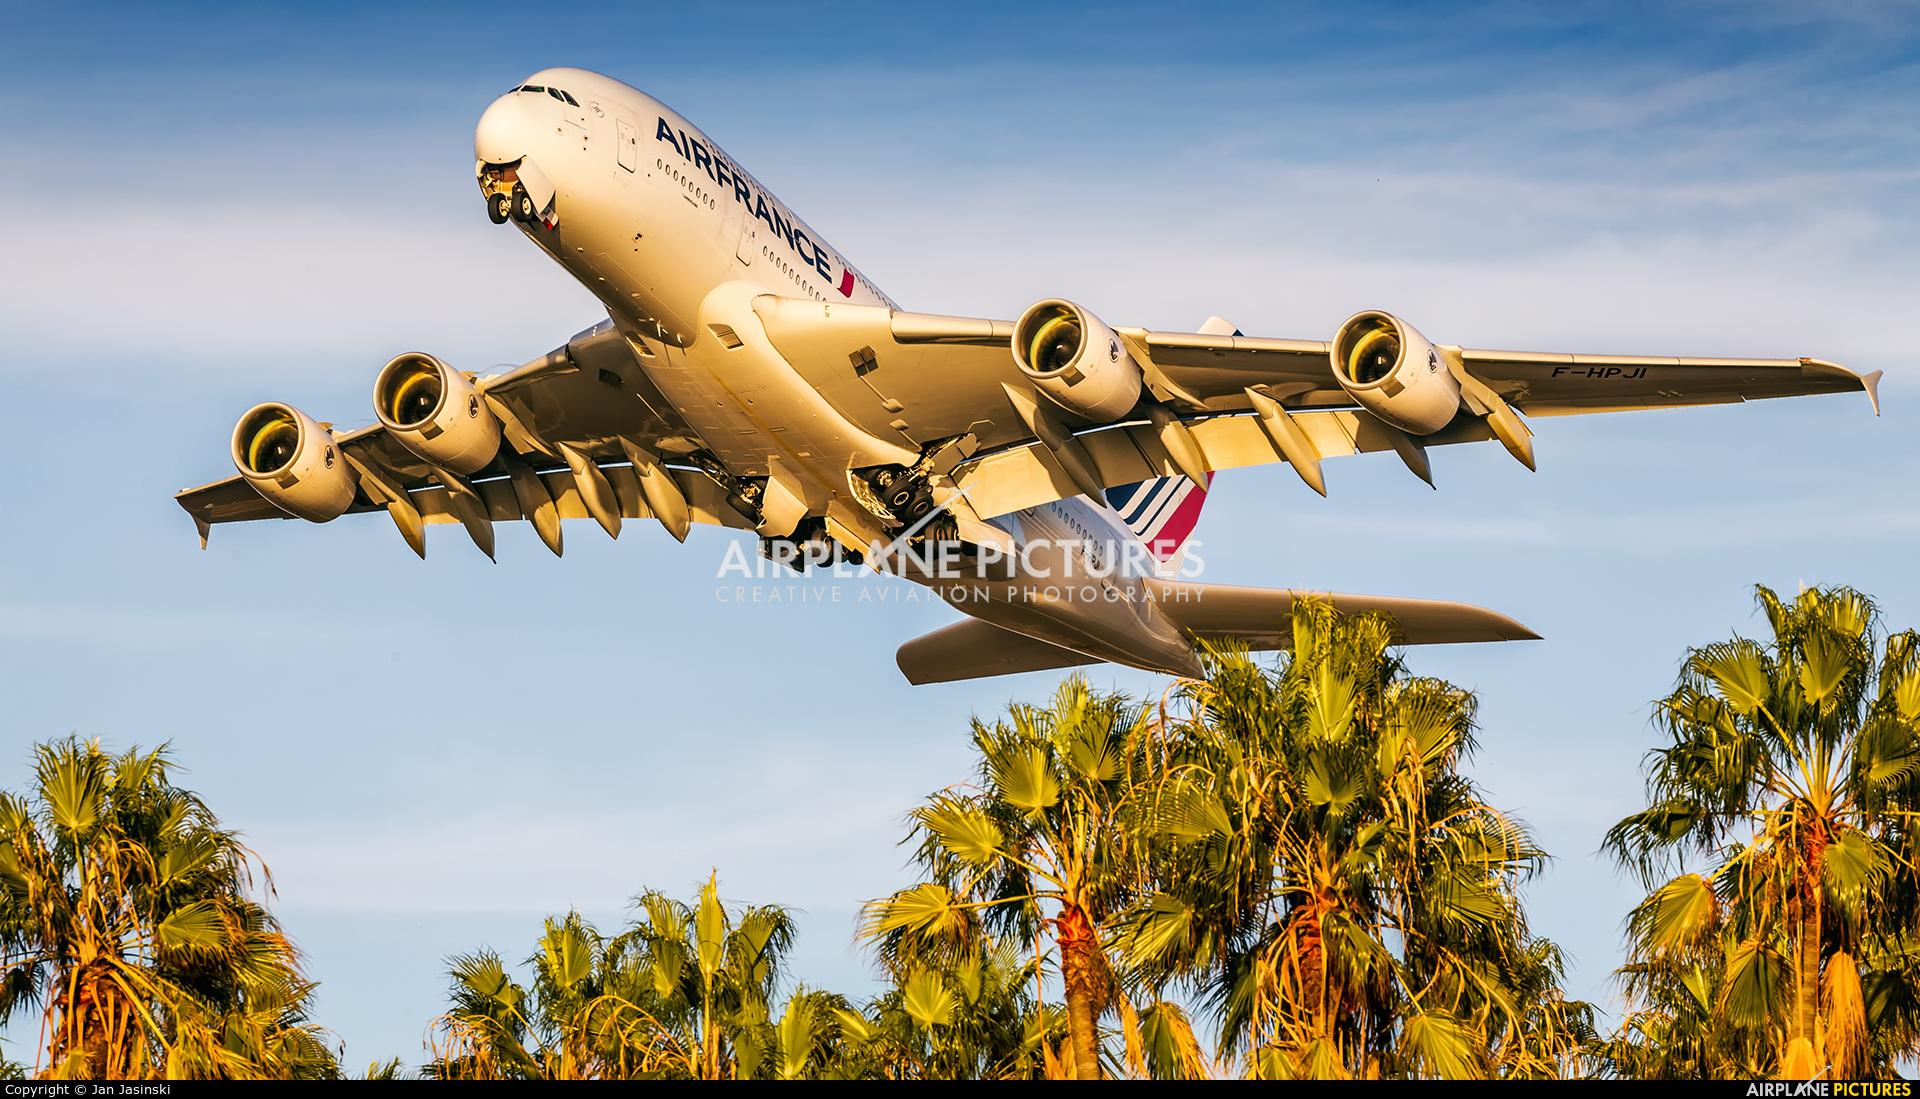 Air France F-HPJI aircraft at Los Angeles Intl